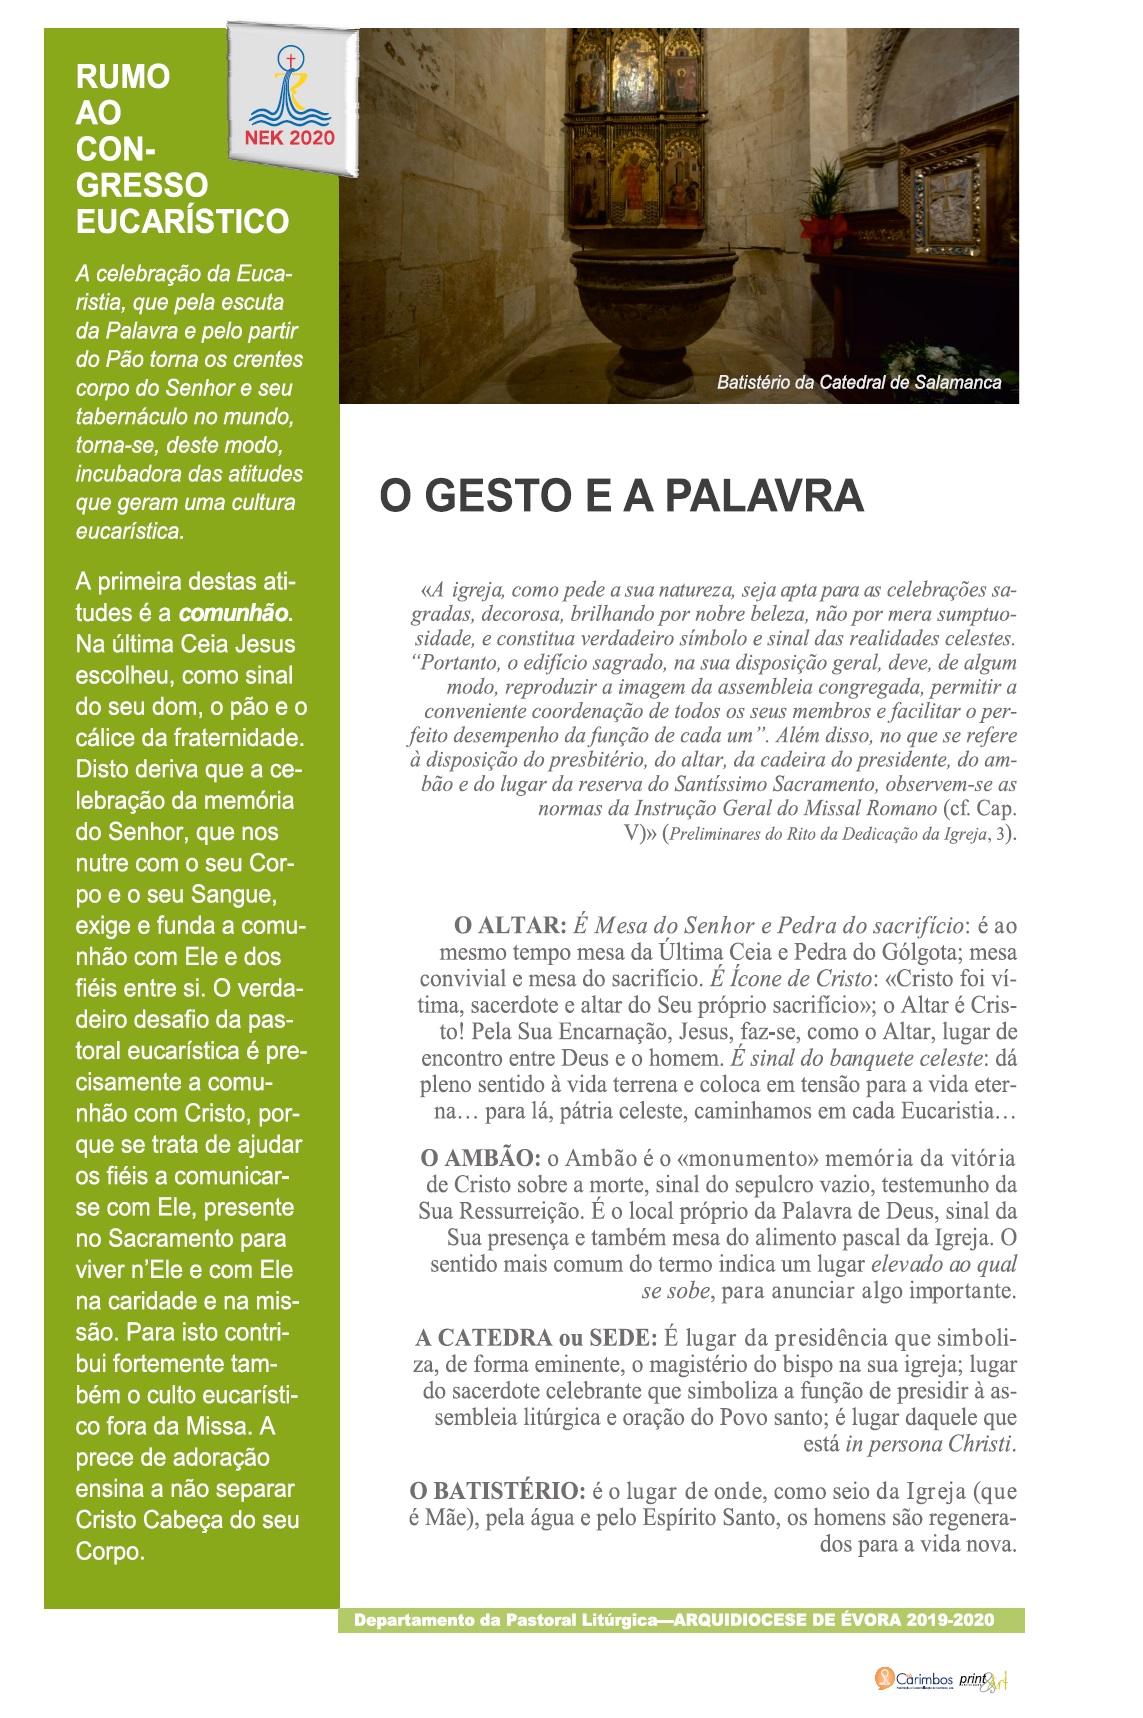 09_02_2020_FOLHA 4 - Eucaristia 9 FEV202 - V Tempo Comum_2